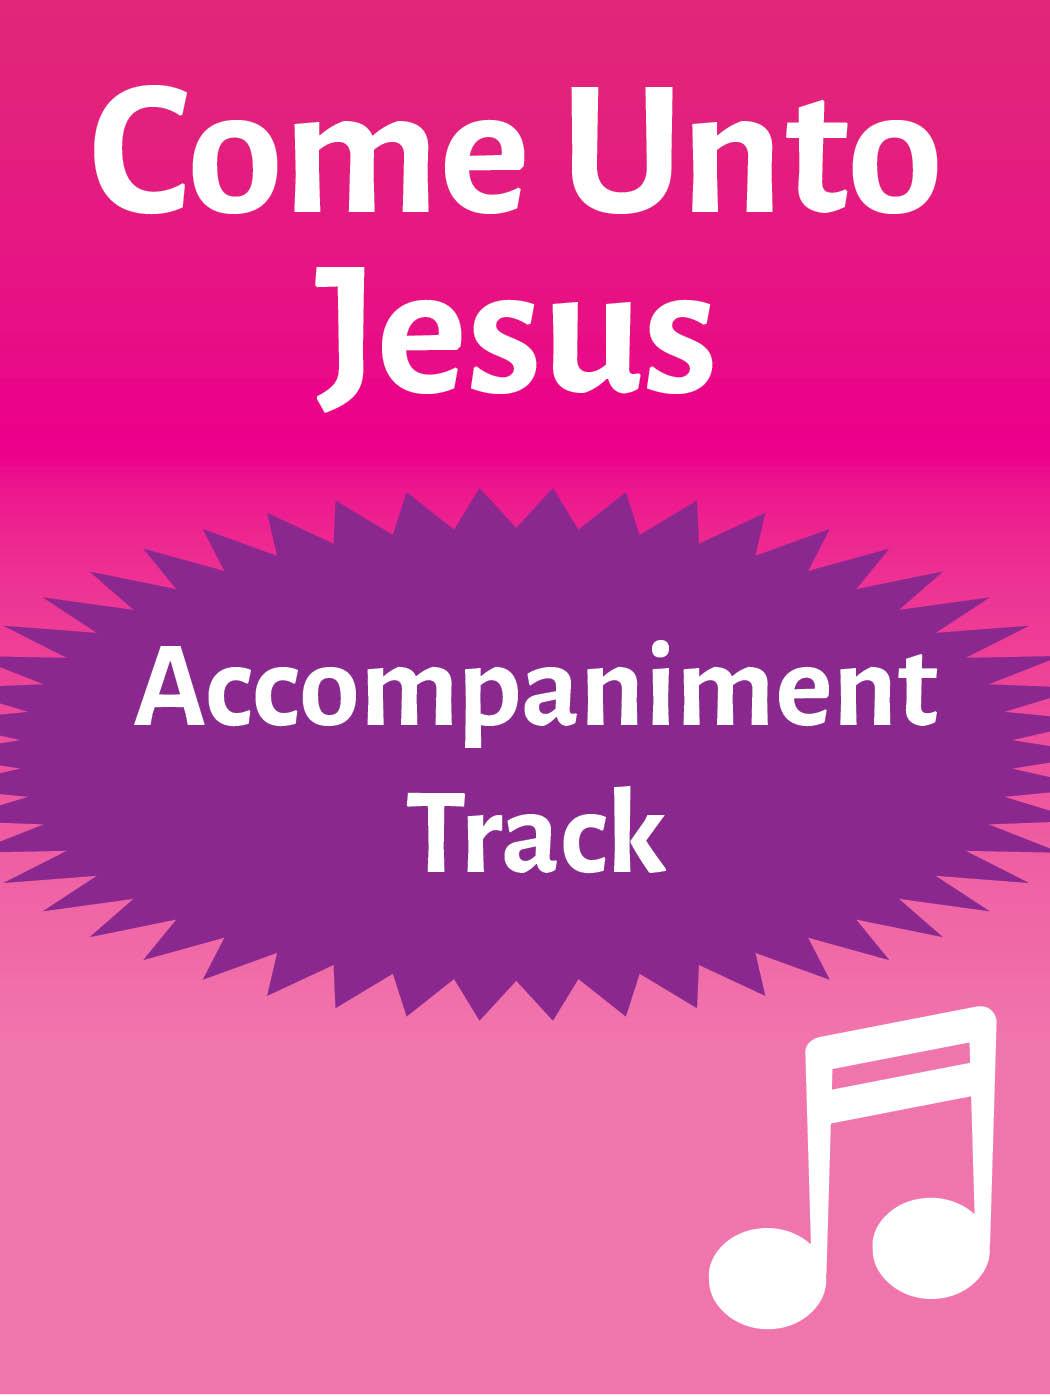 Come Unto Jesus – accompaniment track (mp3 download)